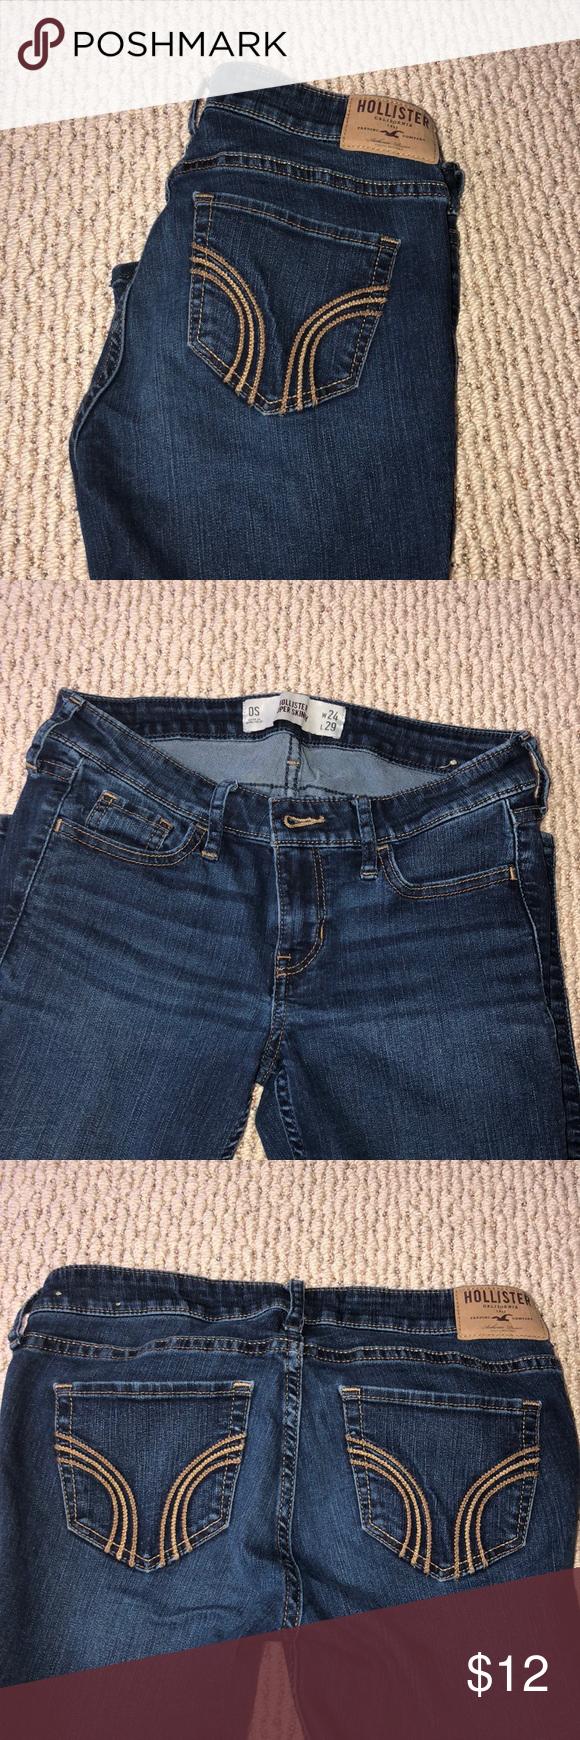 Hollister flannel shirts womens  Girls Hollister Jeans  Hollister jeans Super skinny jeans and